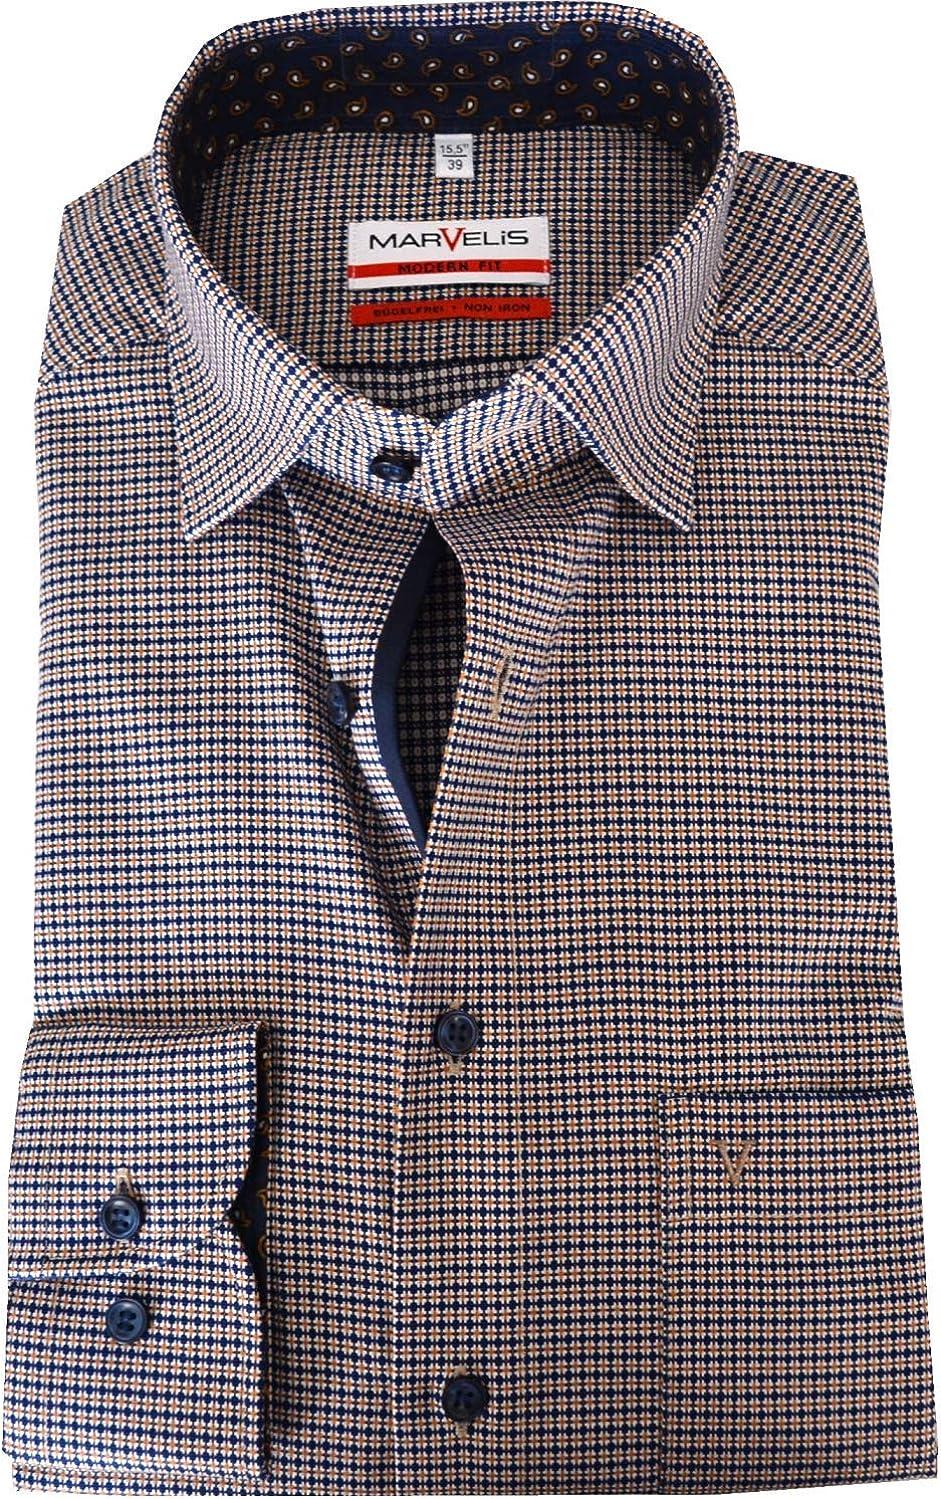 Marvelis Modern Fit Under Button Down cuello no necesita planchado patrón azul algodón puro: Amazon.es: Ropa y accesorios